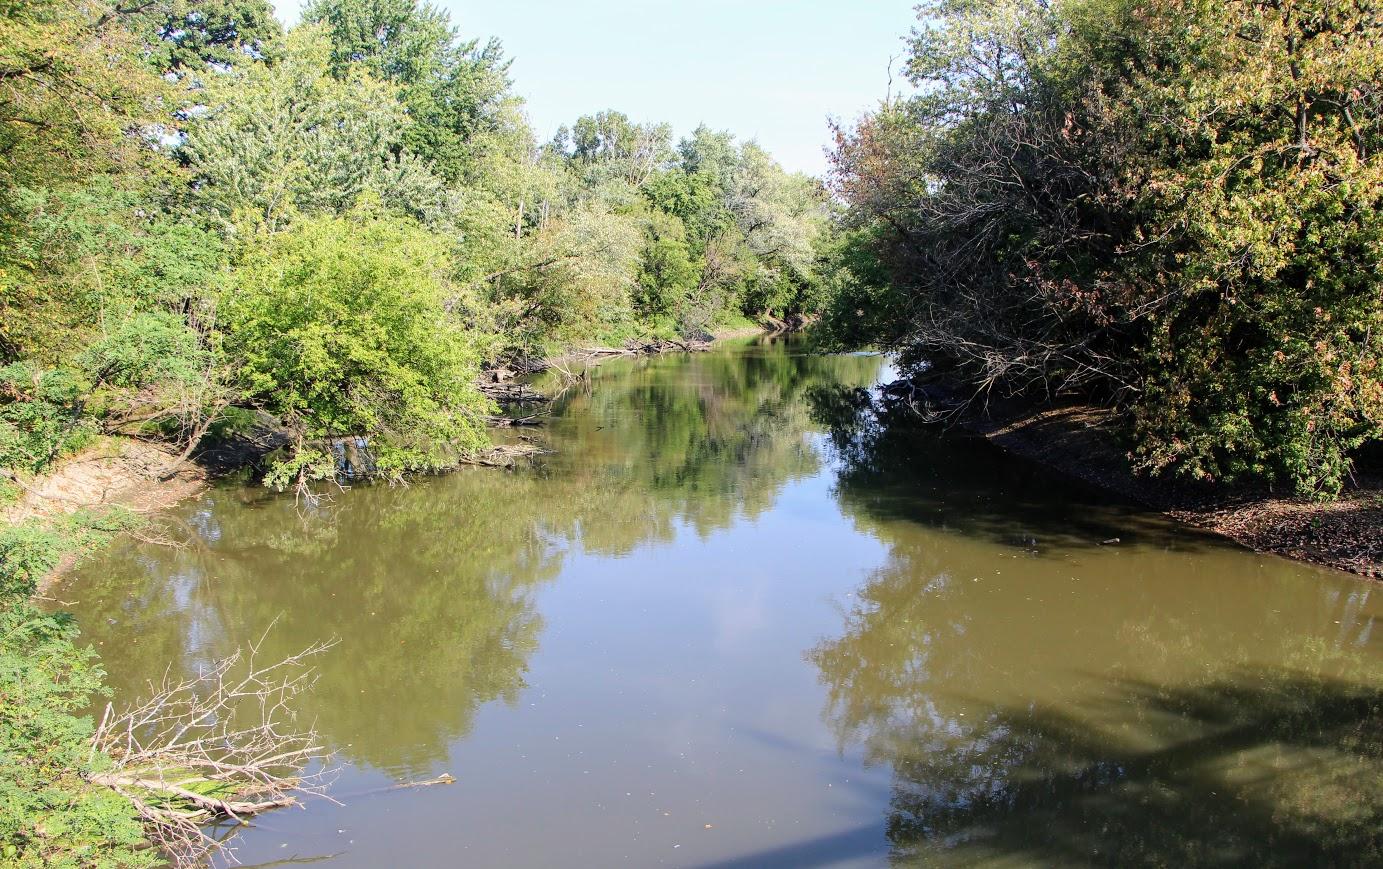 des-plaines-river-trail-5